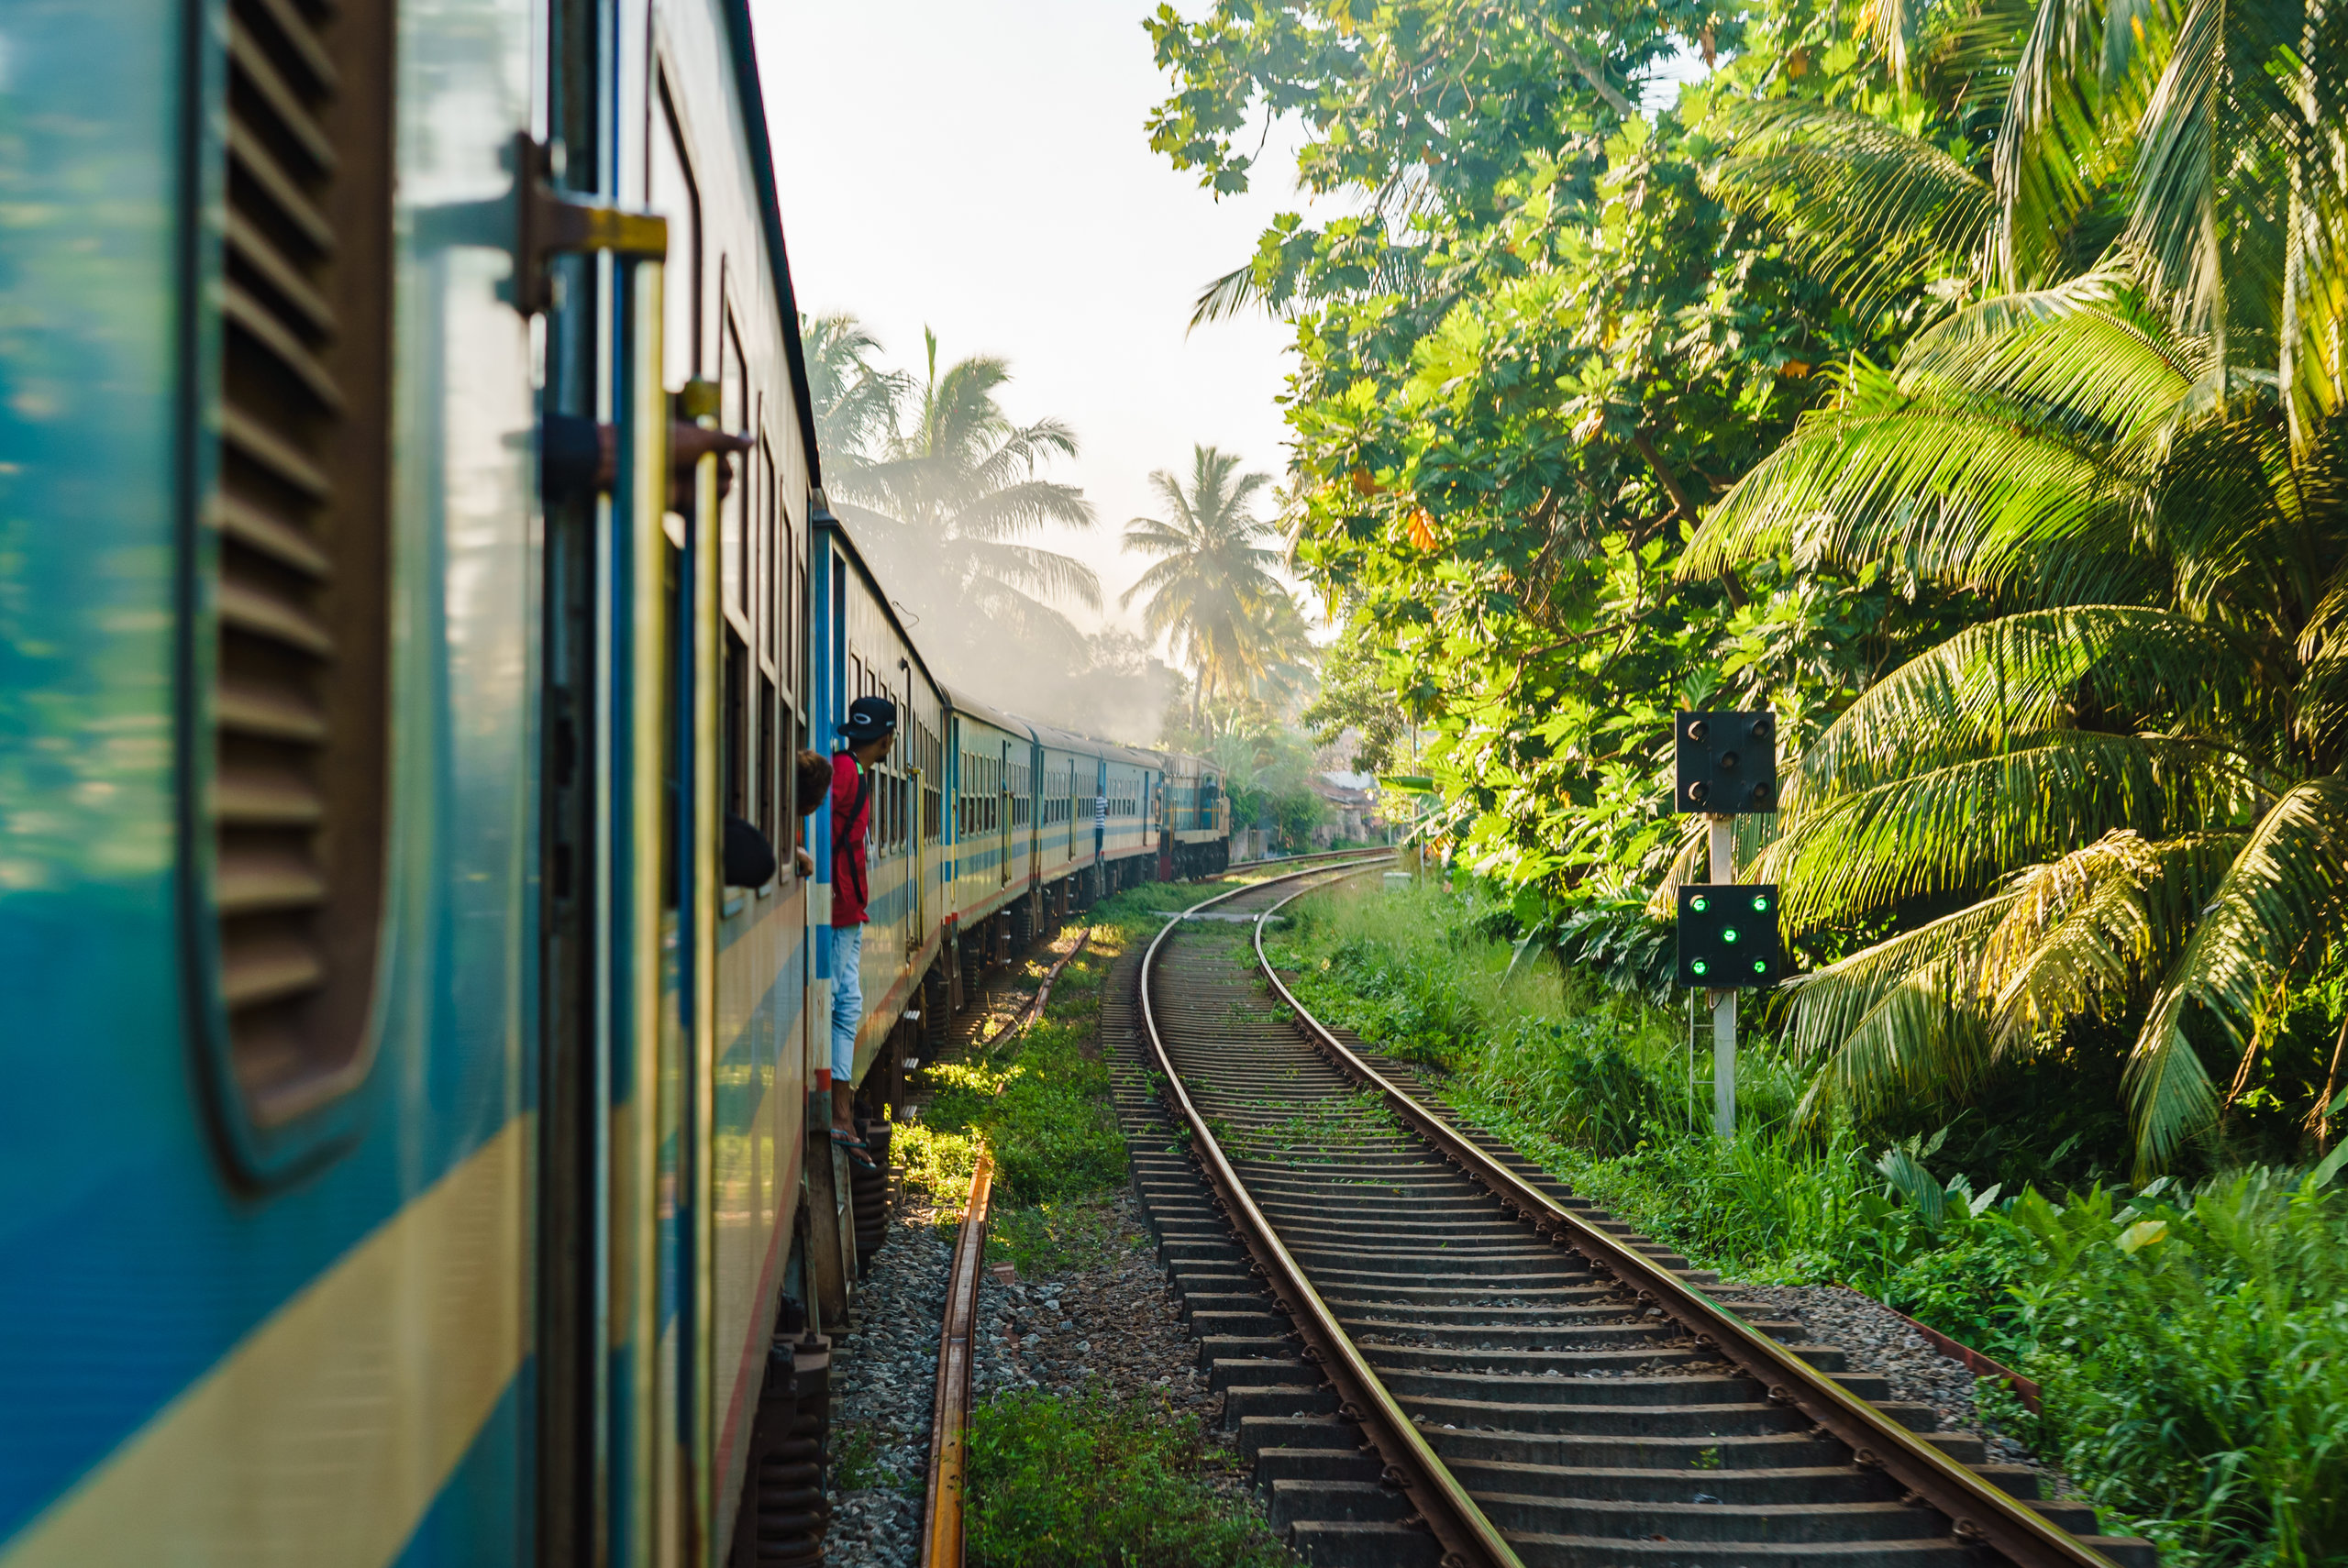 På en rejse til Sri Lanka kan du køre med tog til Nuwara Eliya